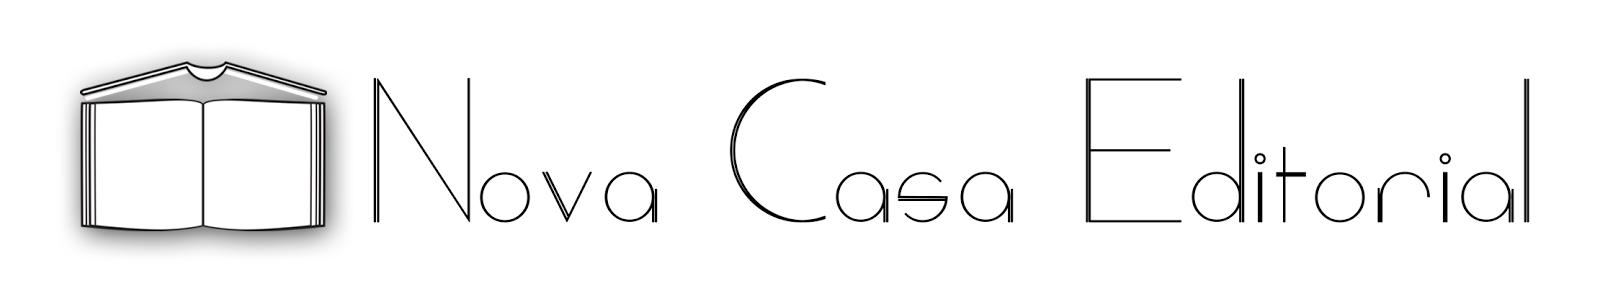 Nova Casa Editorial